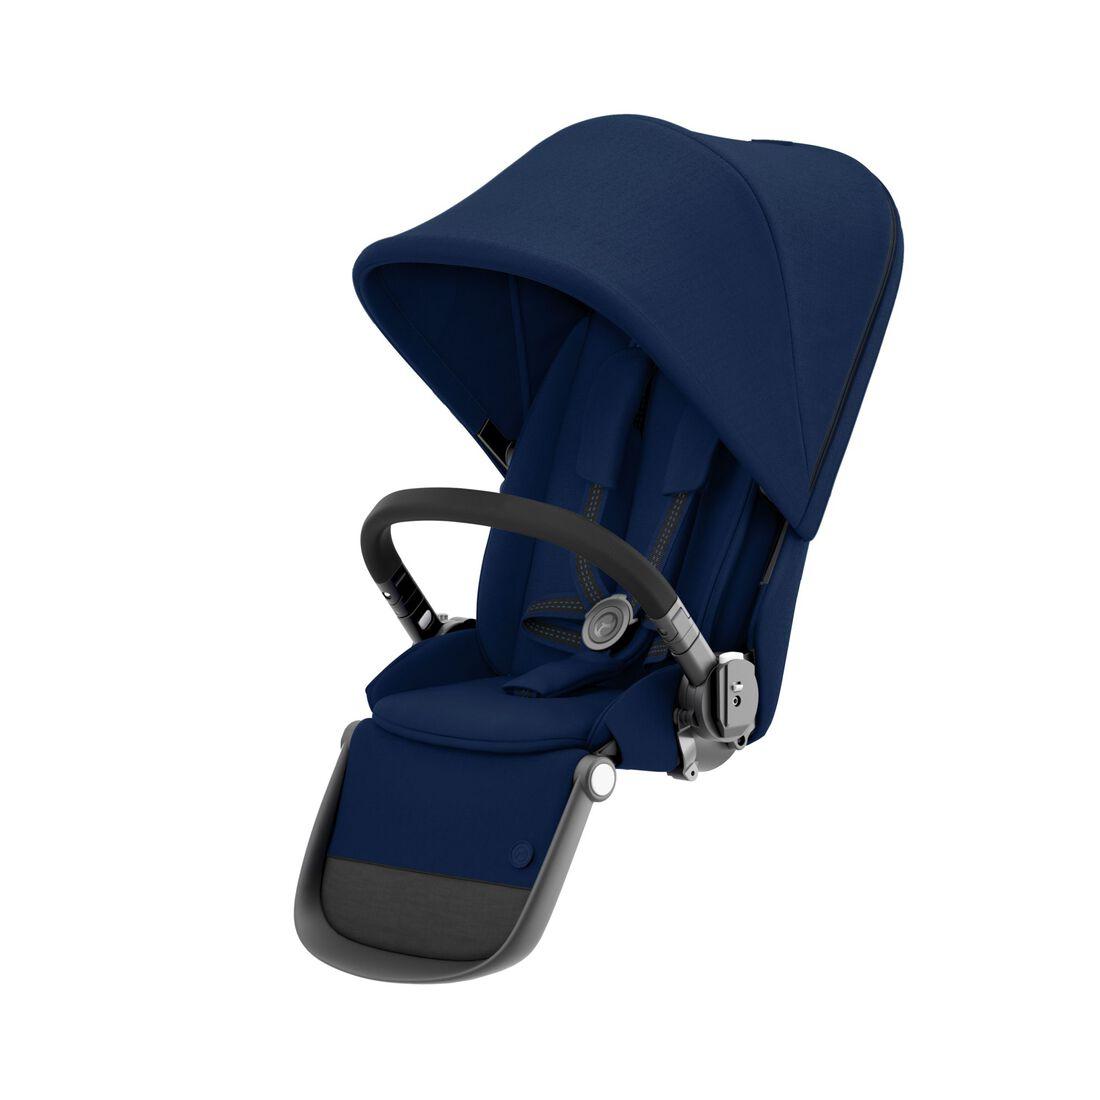 CYBEX Gazelle S Sitzeinheit - Navy Blue (Schwarzer Rahmen) in Navy Blue (Black Frame) large Bild 1